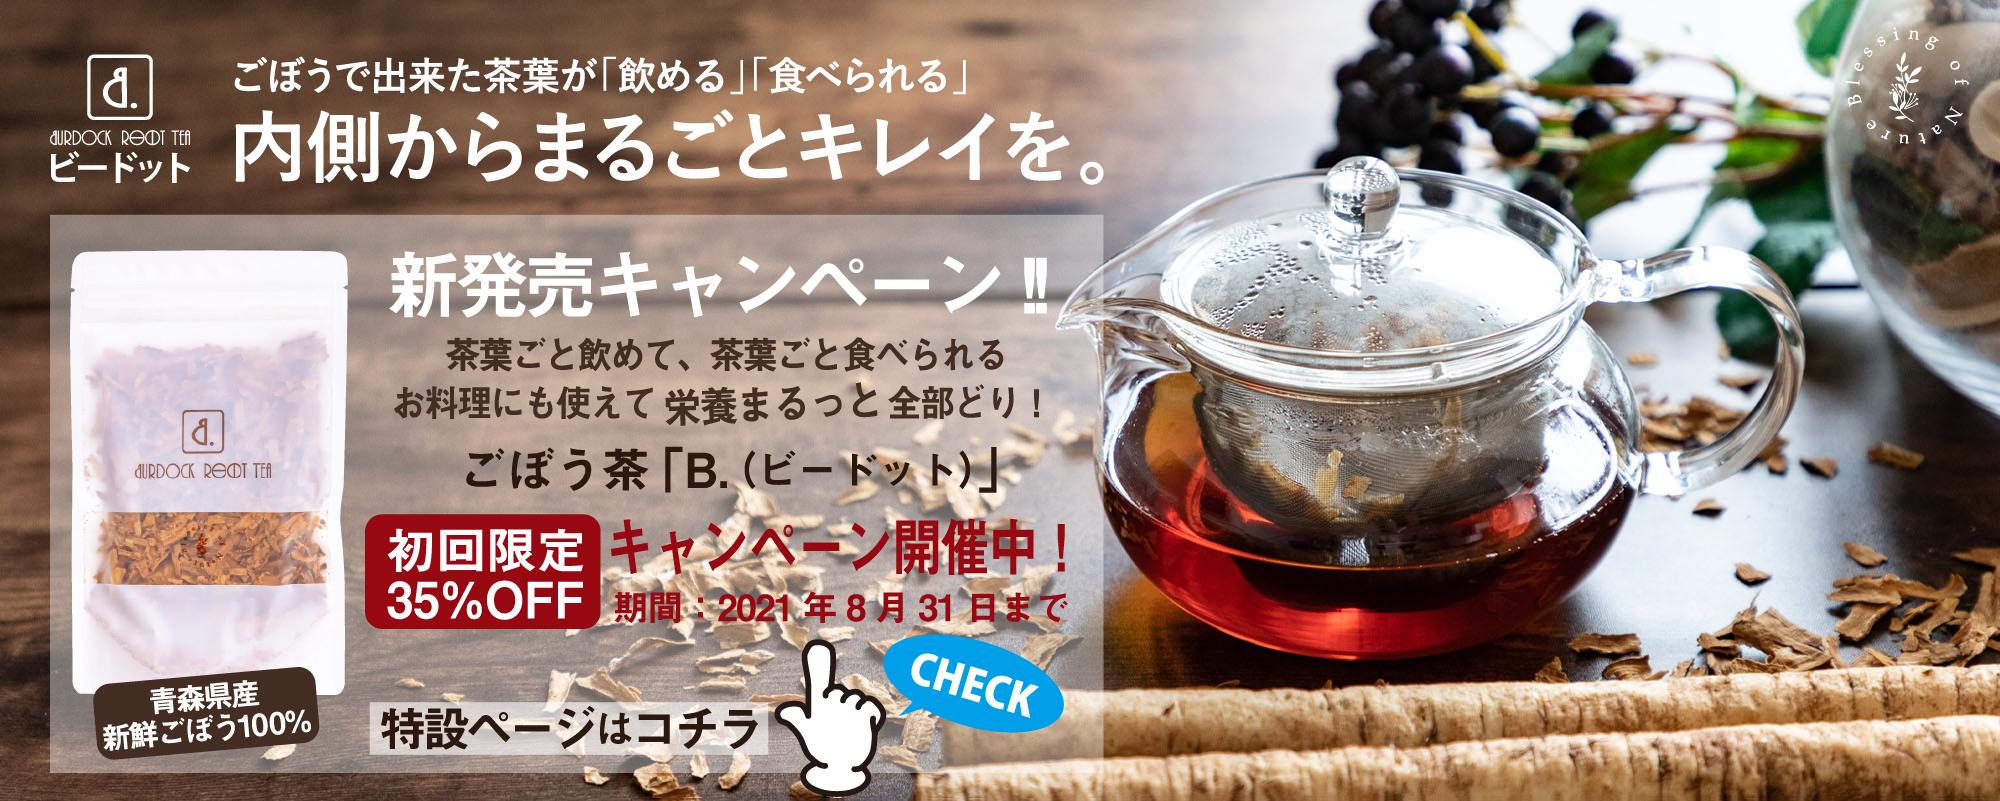 ごぼうで出来た茶葉が「飲める」「食べられる」内側からまるごとキレイを。ビードット